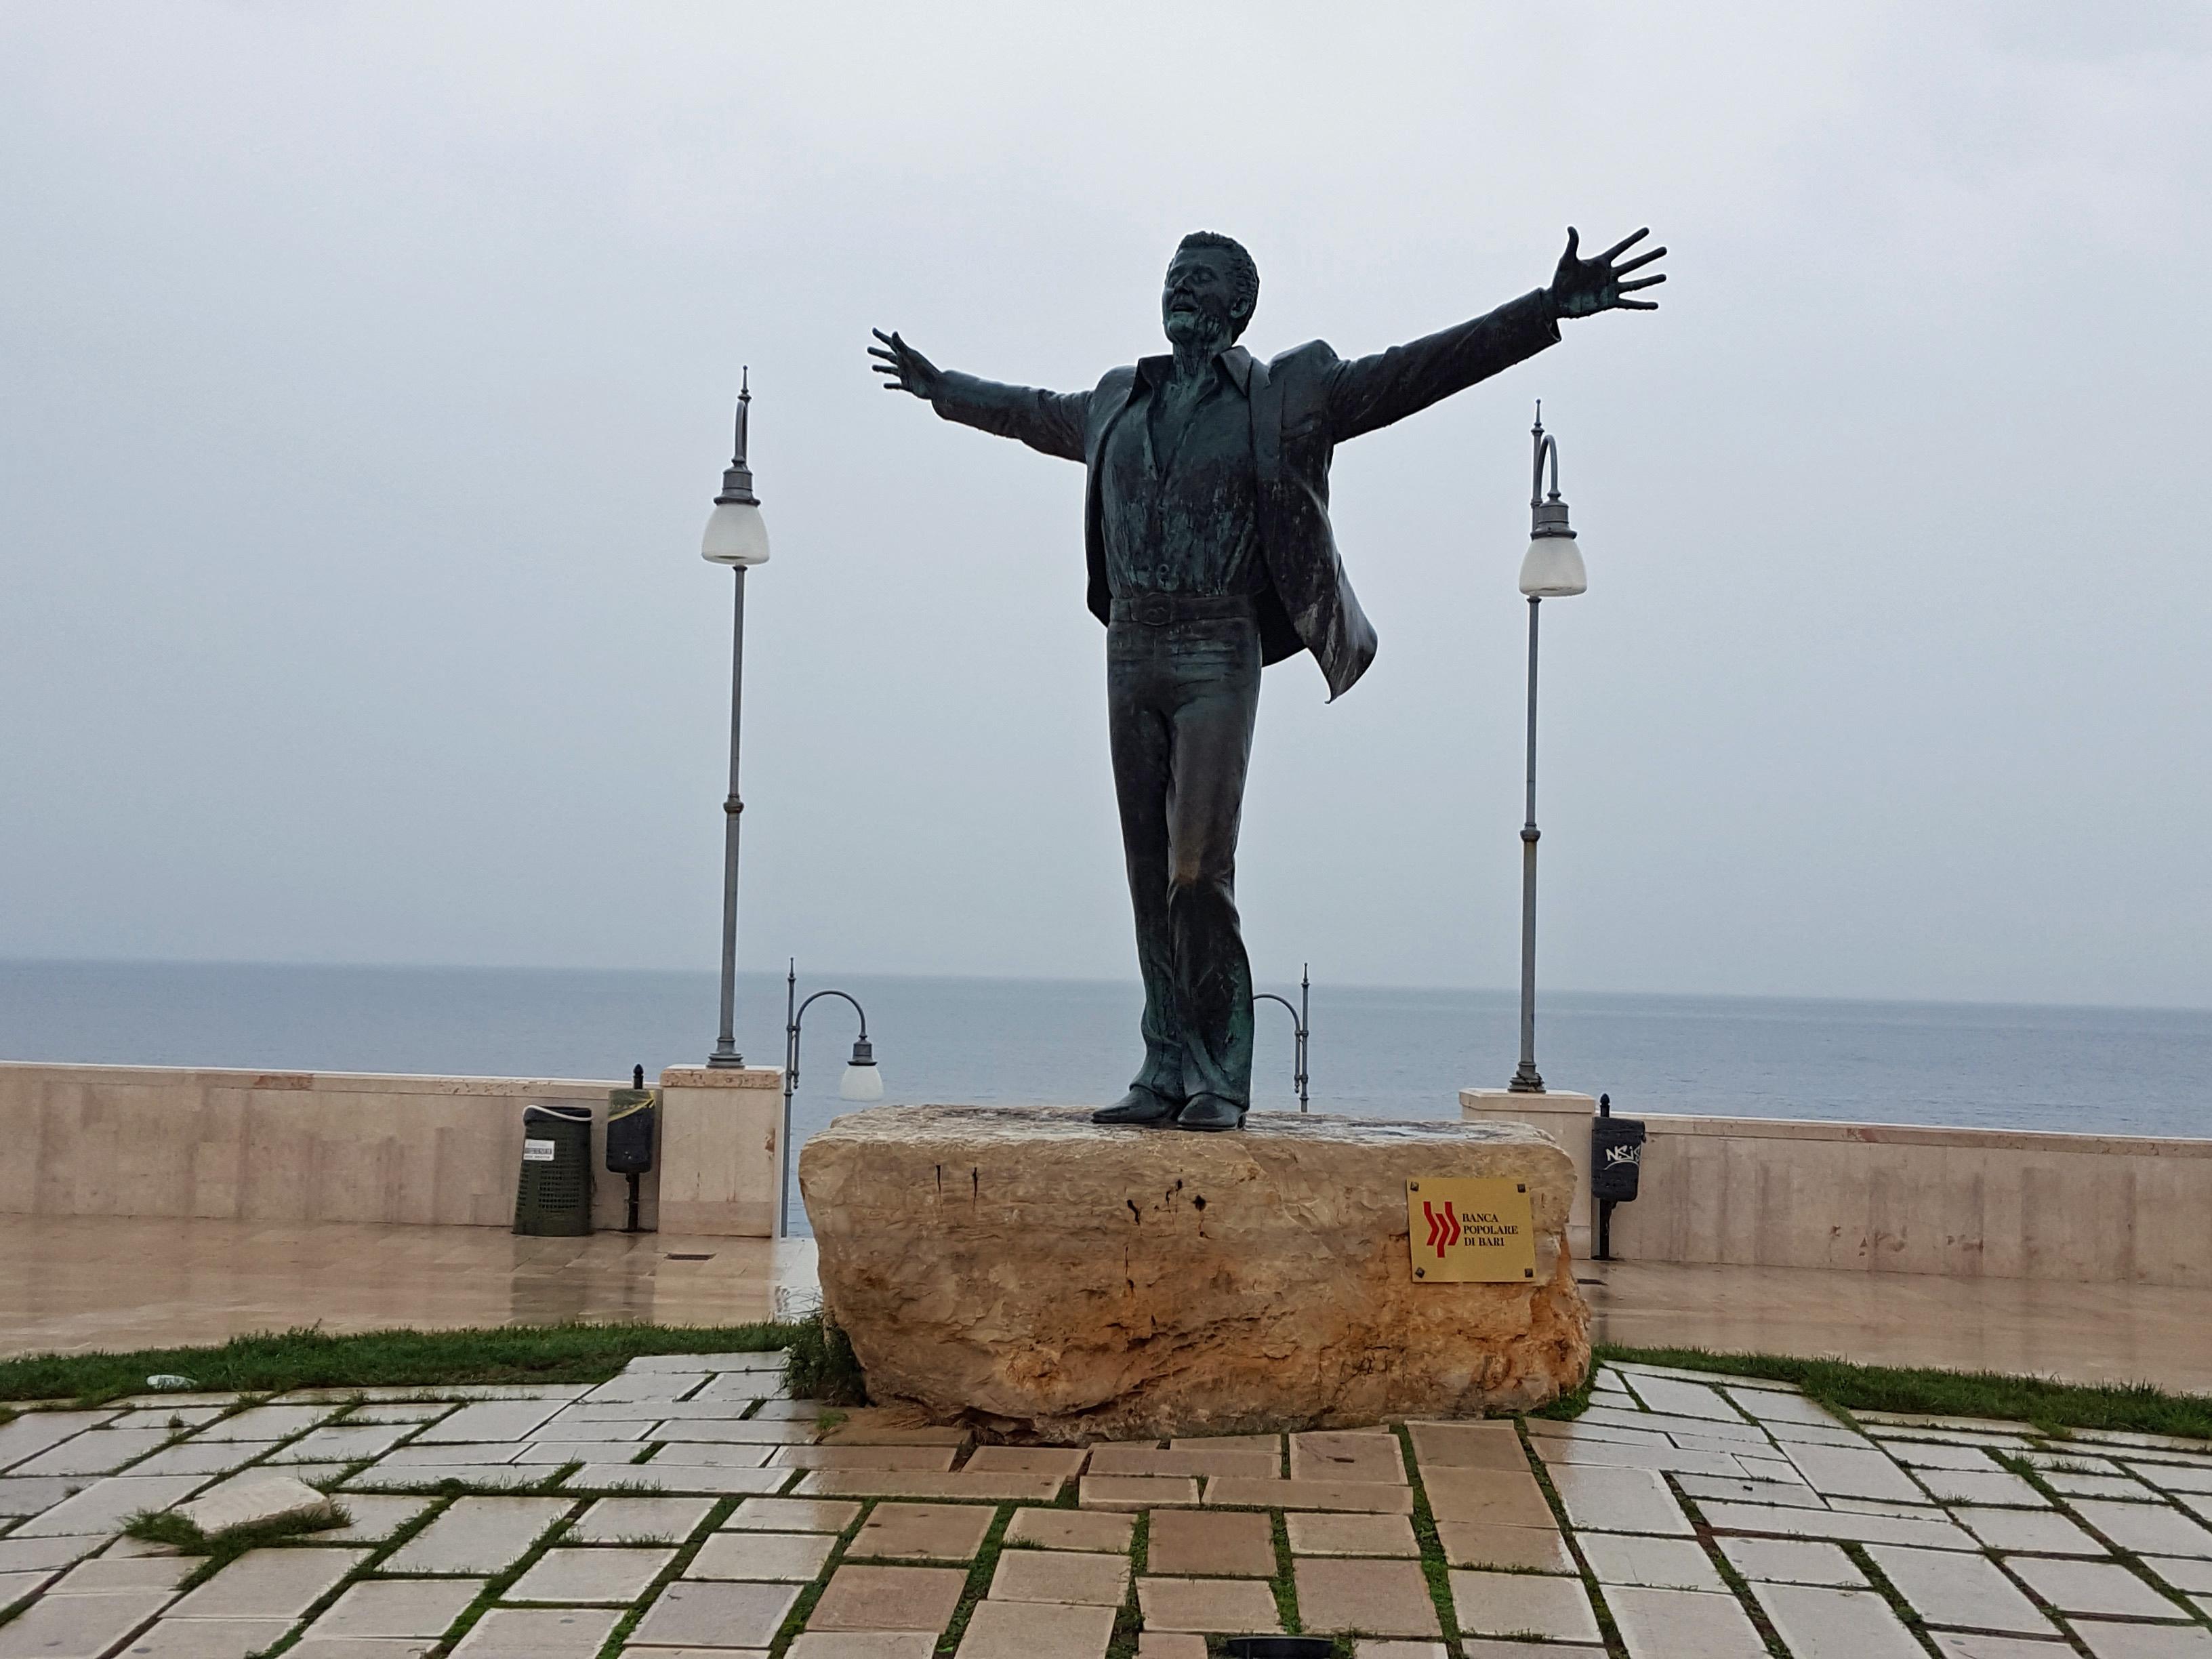 Volare statue in Polignano a Mare